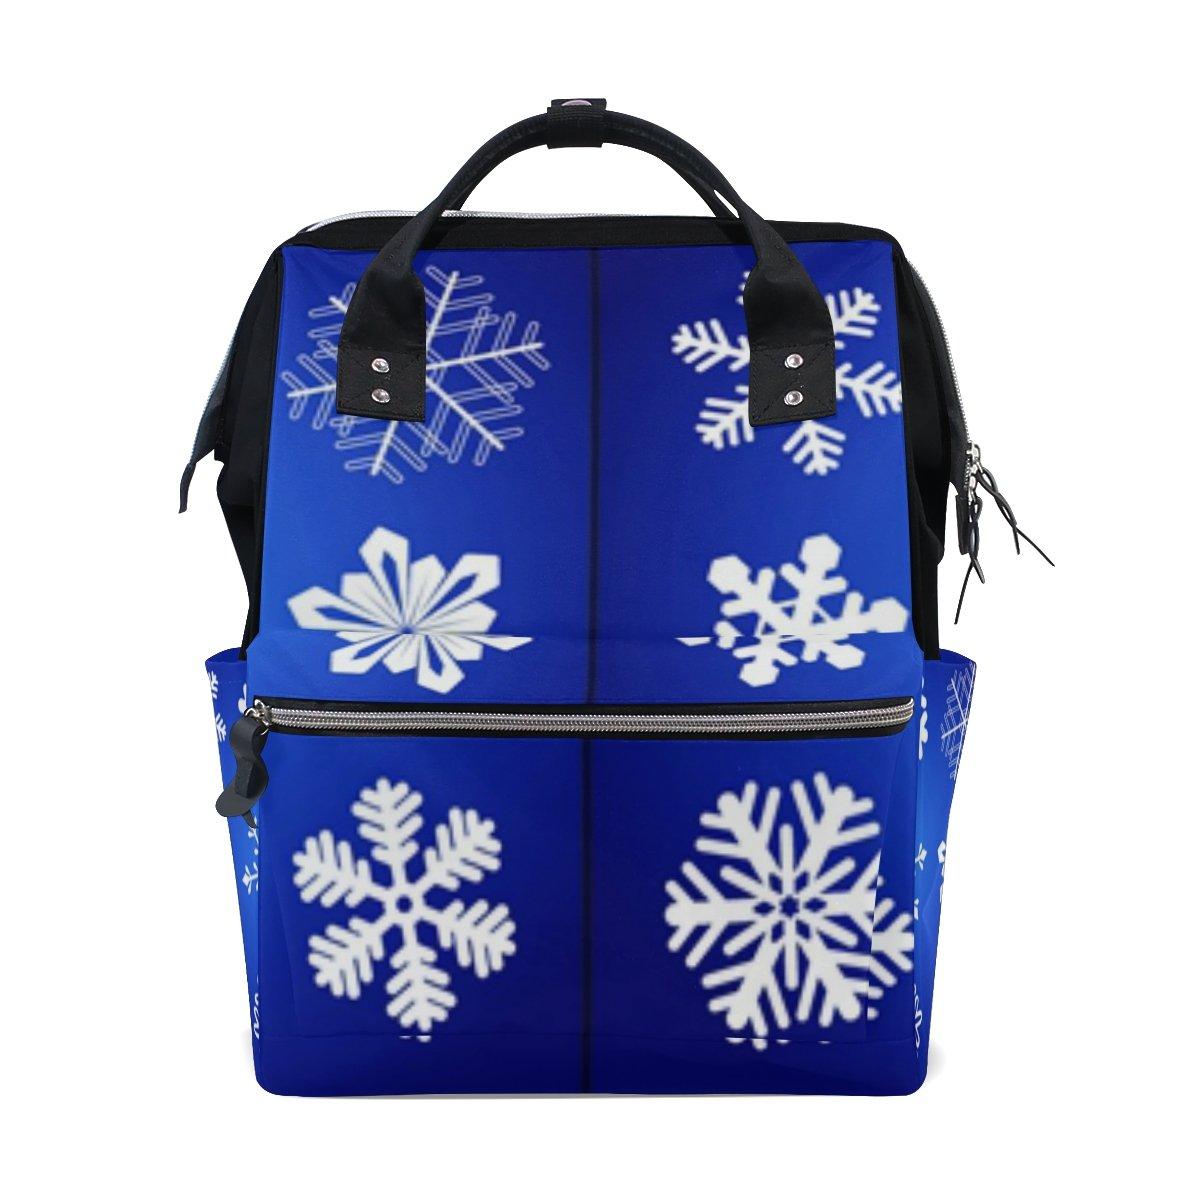 JSTeLノートカレッジバッグ学生旅行クリスマス雪片スクールバックパックショルダートートバッグ   B078N46N9B